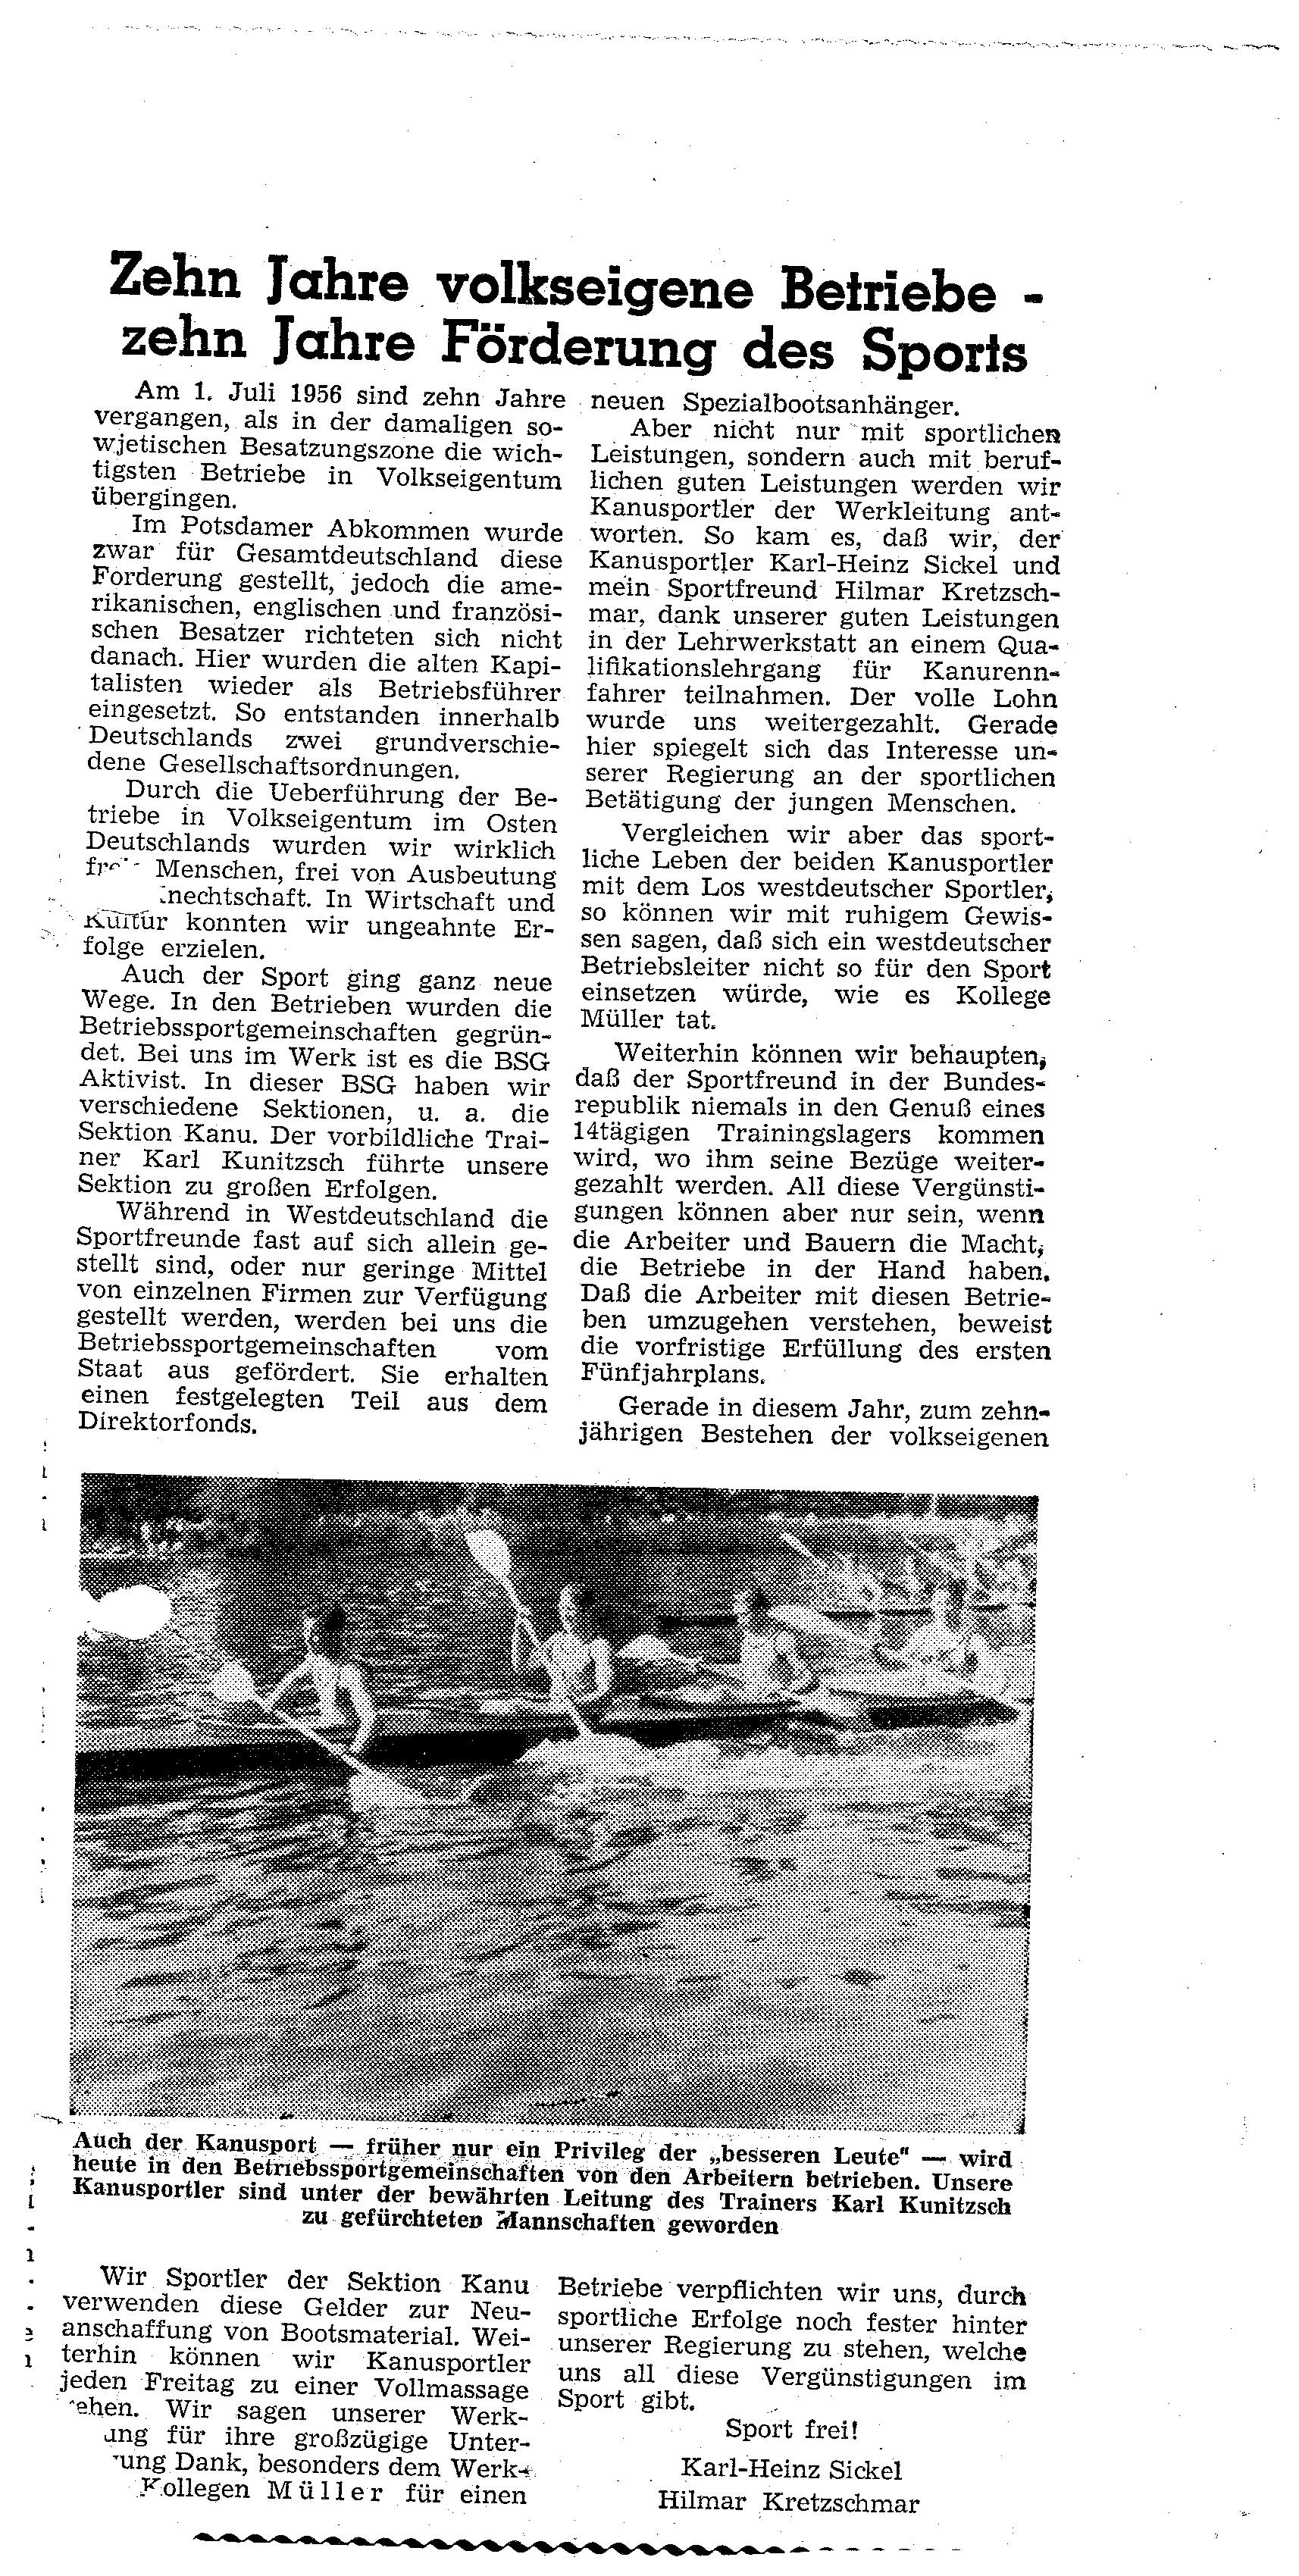 1956-07-01-zehn-jahre-volkseigene-betriebe-zehn-jahre-foerderung-des-sports